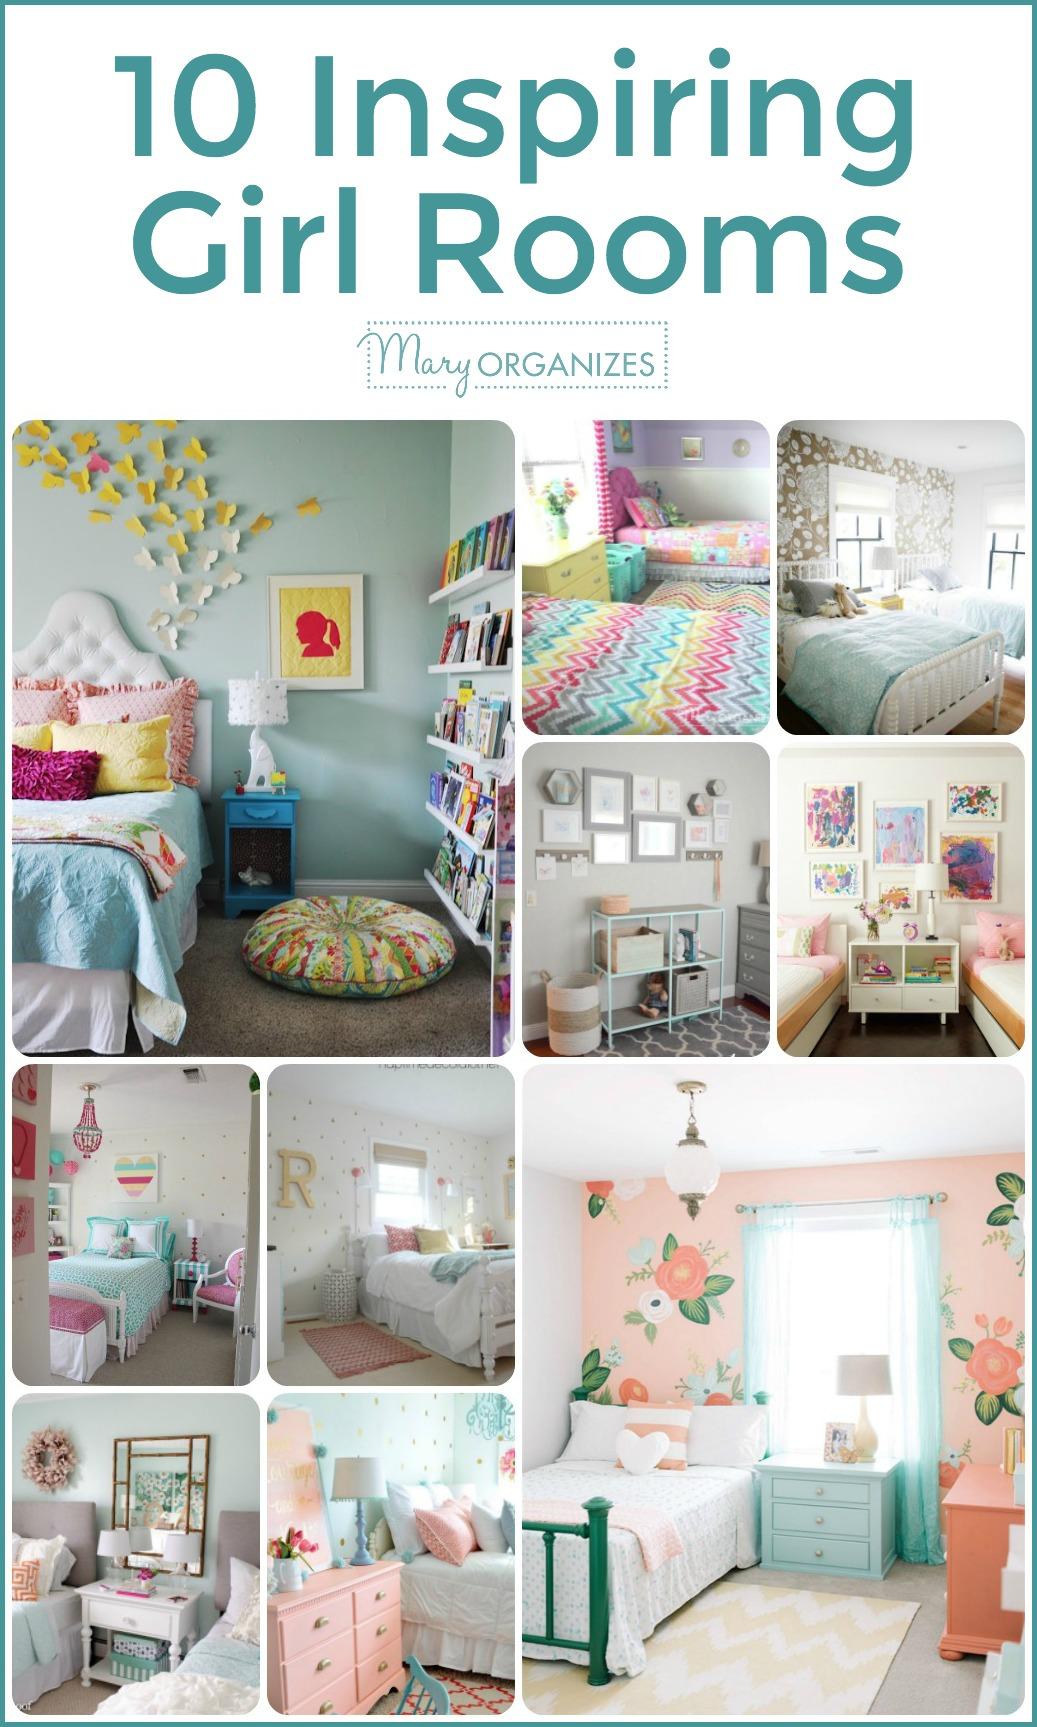 10 Inspiring Girl Rooms -v